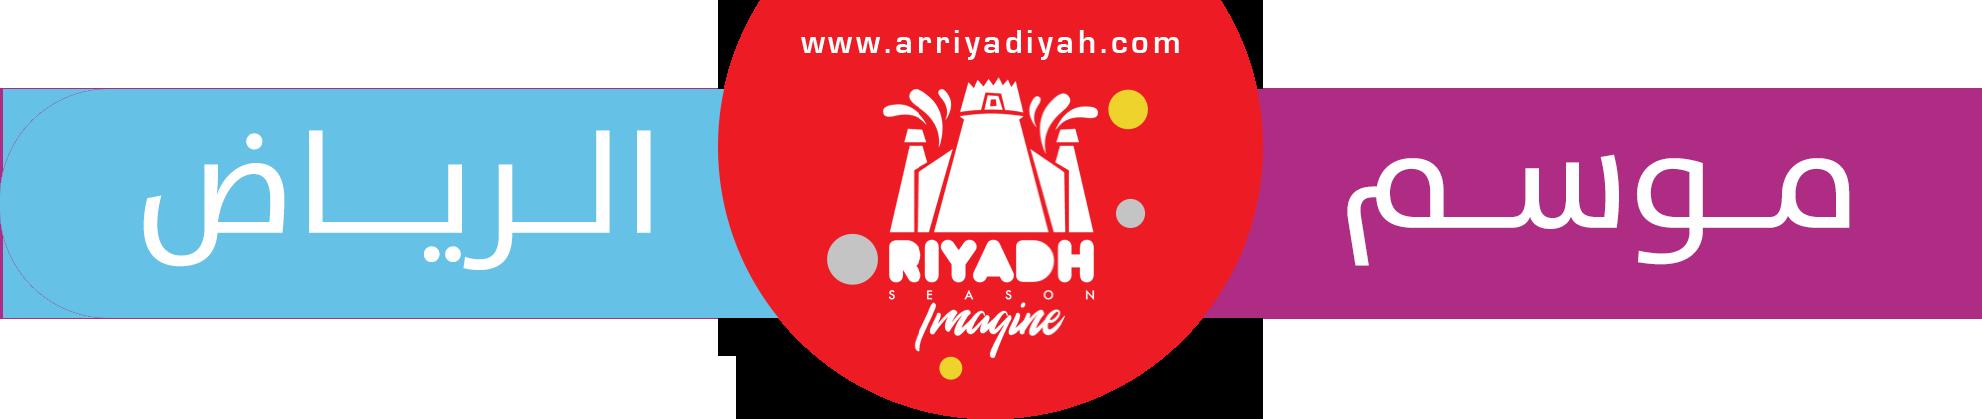 arriyadiya